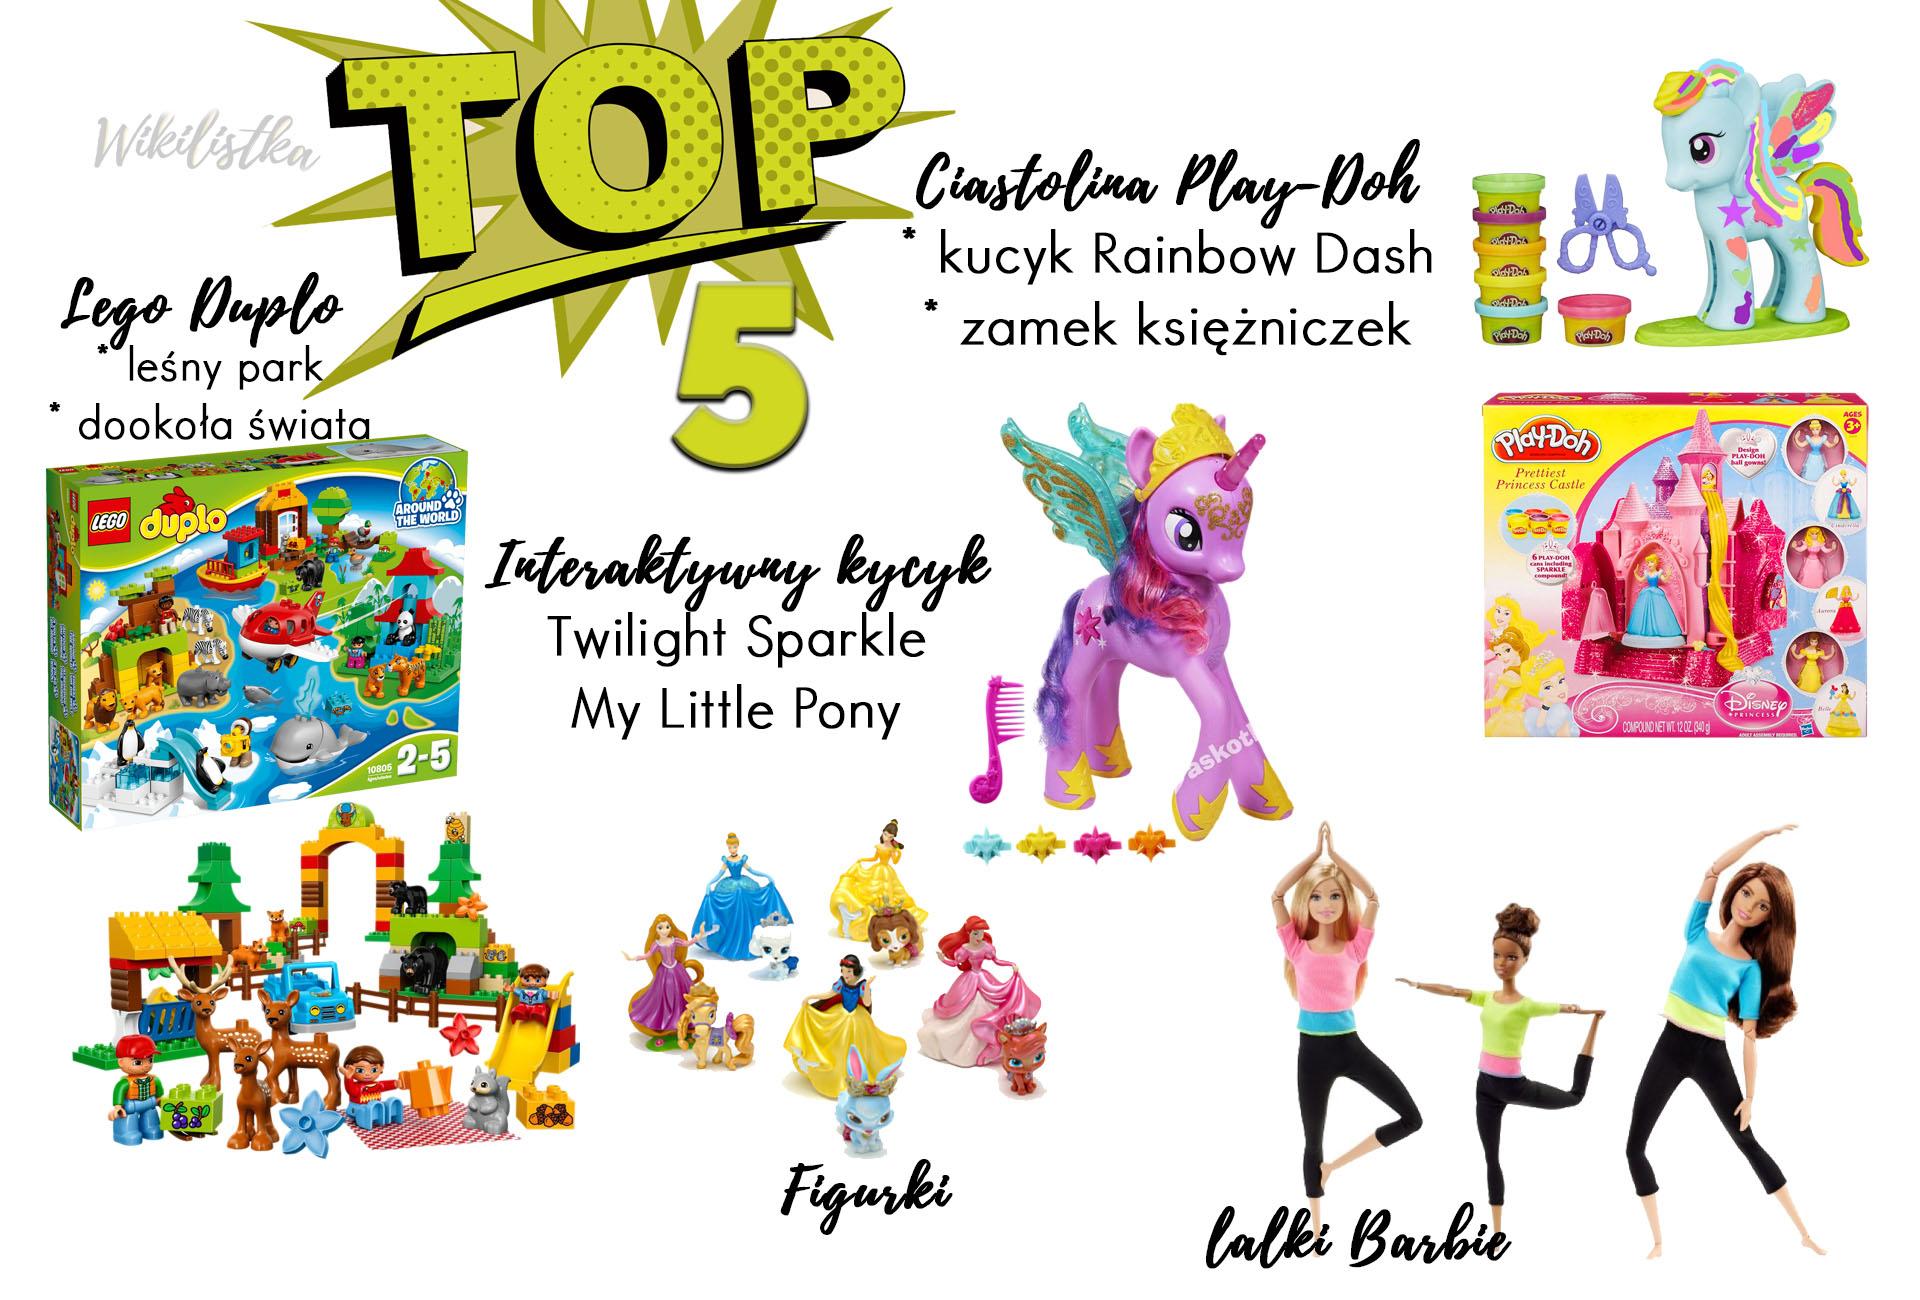 top5-czterolatki-zabawki-prezent-na-dzień-dziecka-barbie-gimnastyczka-play-doh-lego-duplo